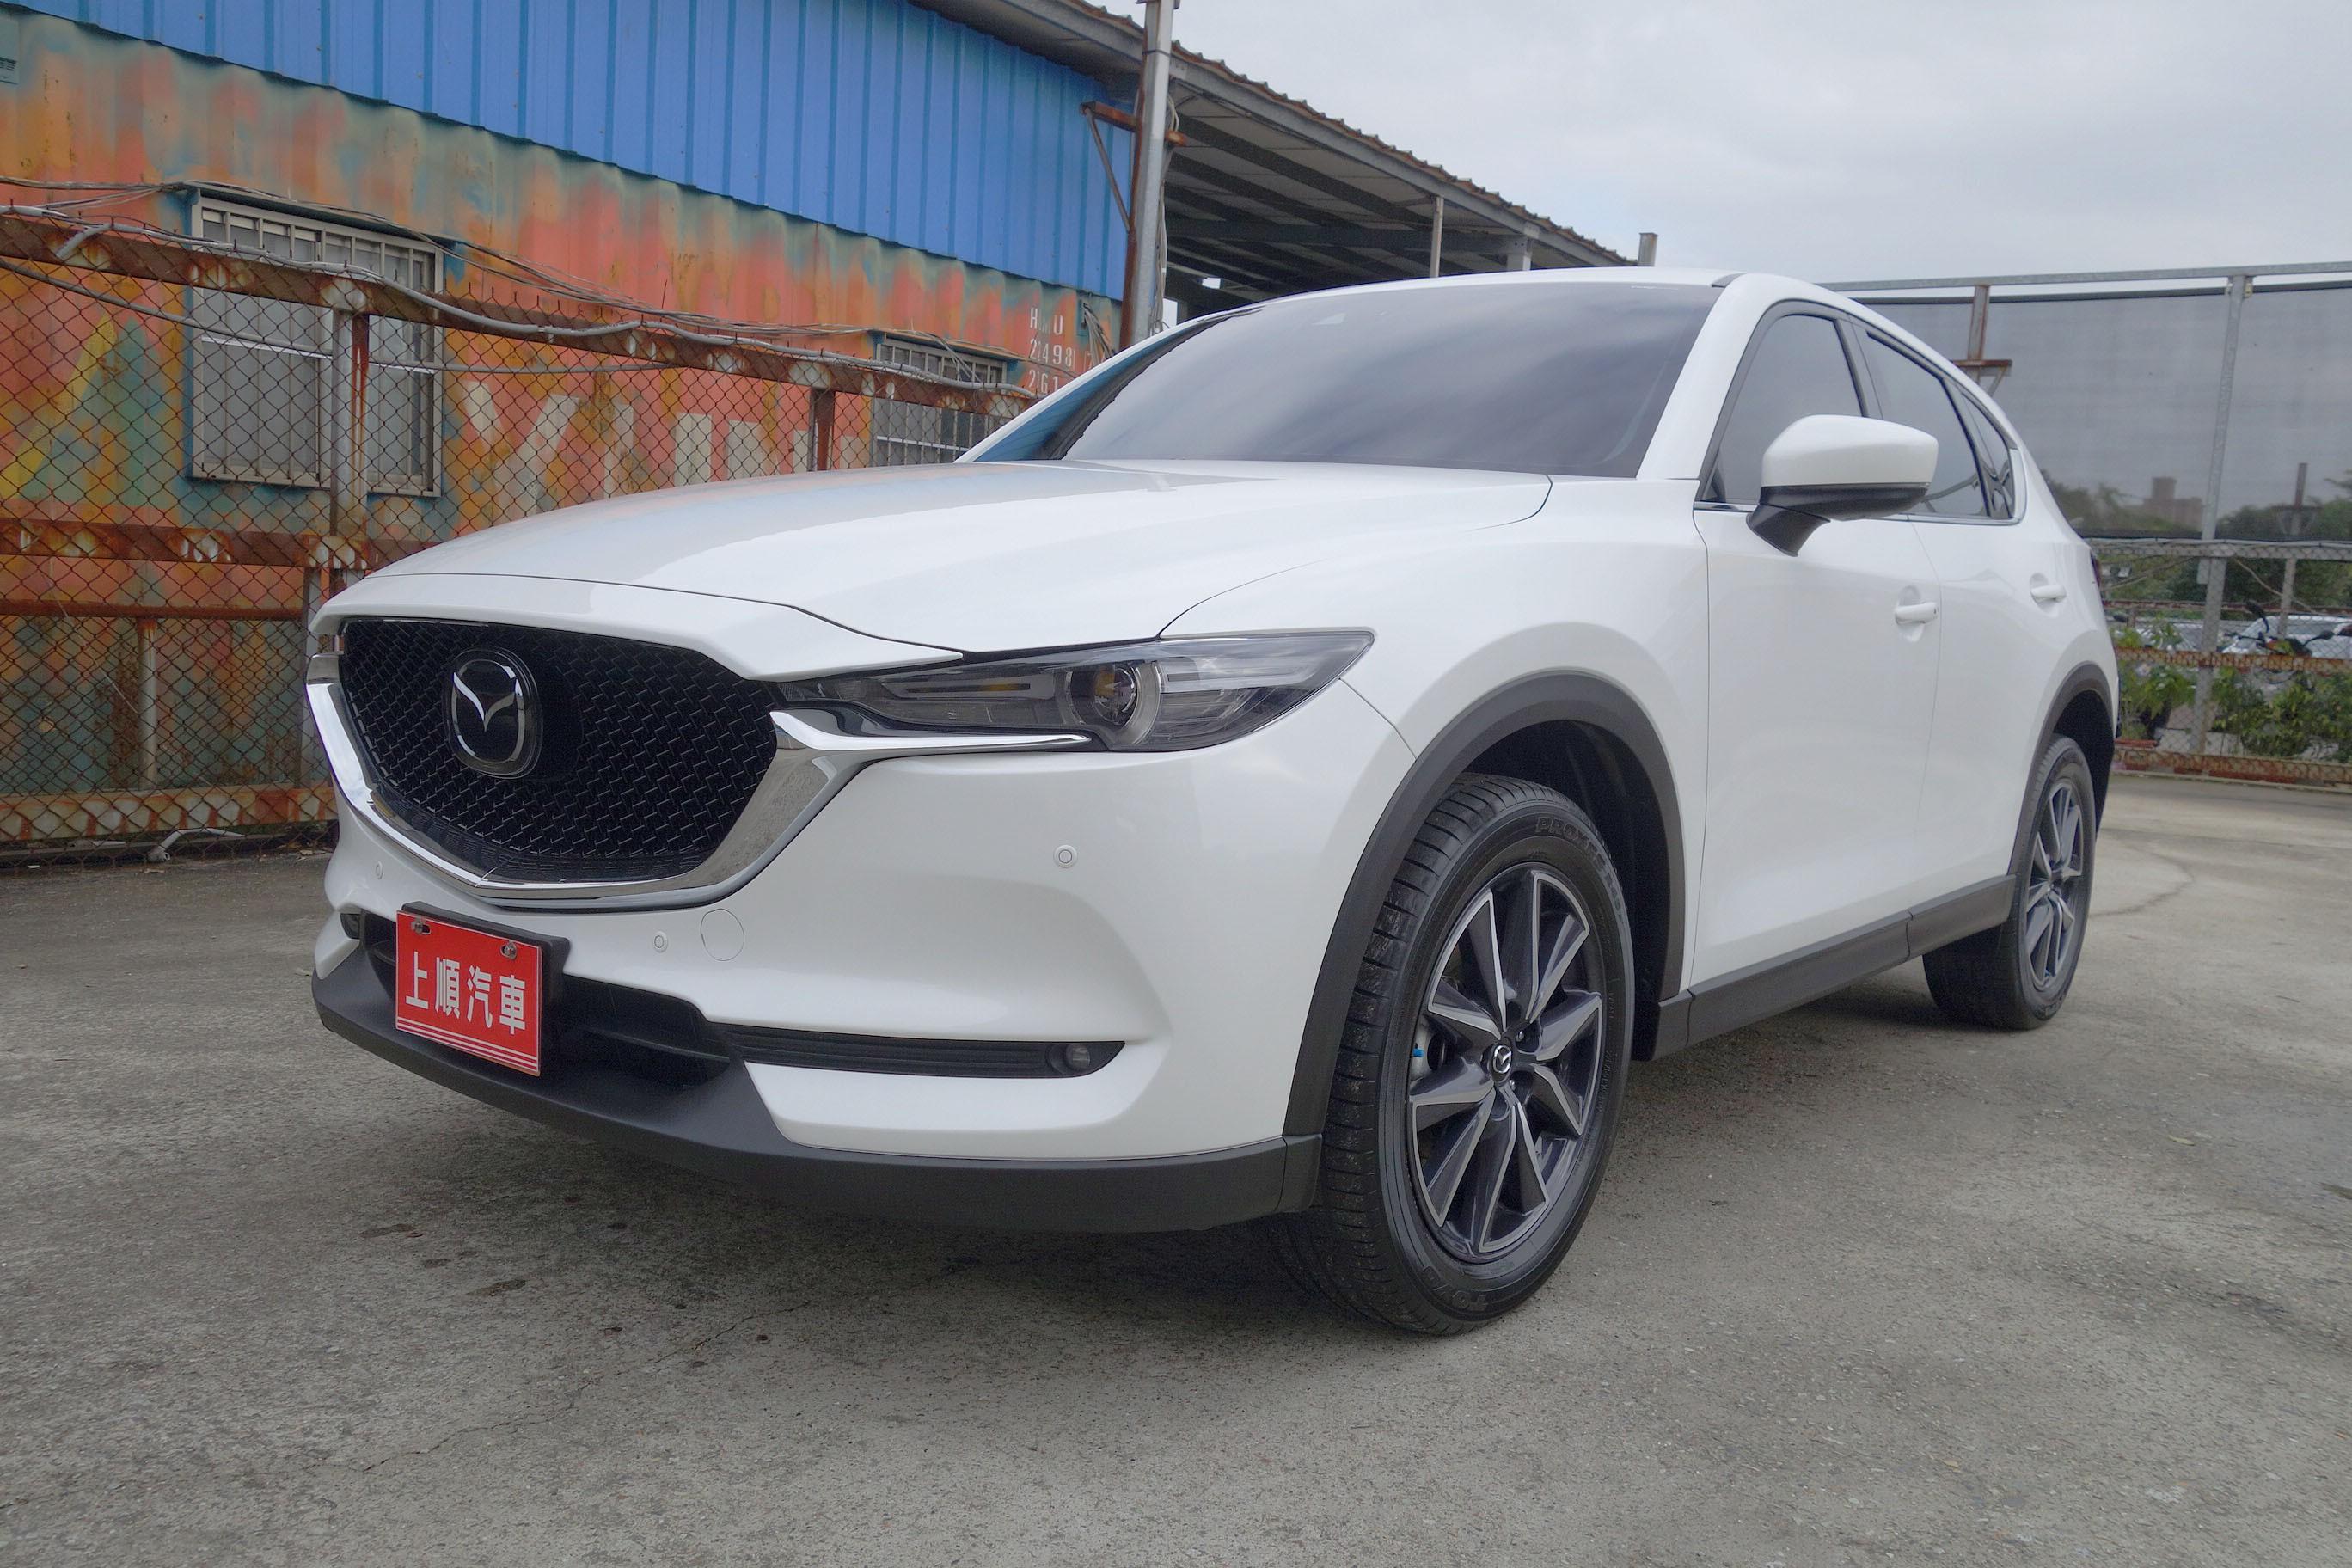 2018 Mazda 馬自達 Cx-5